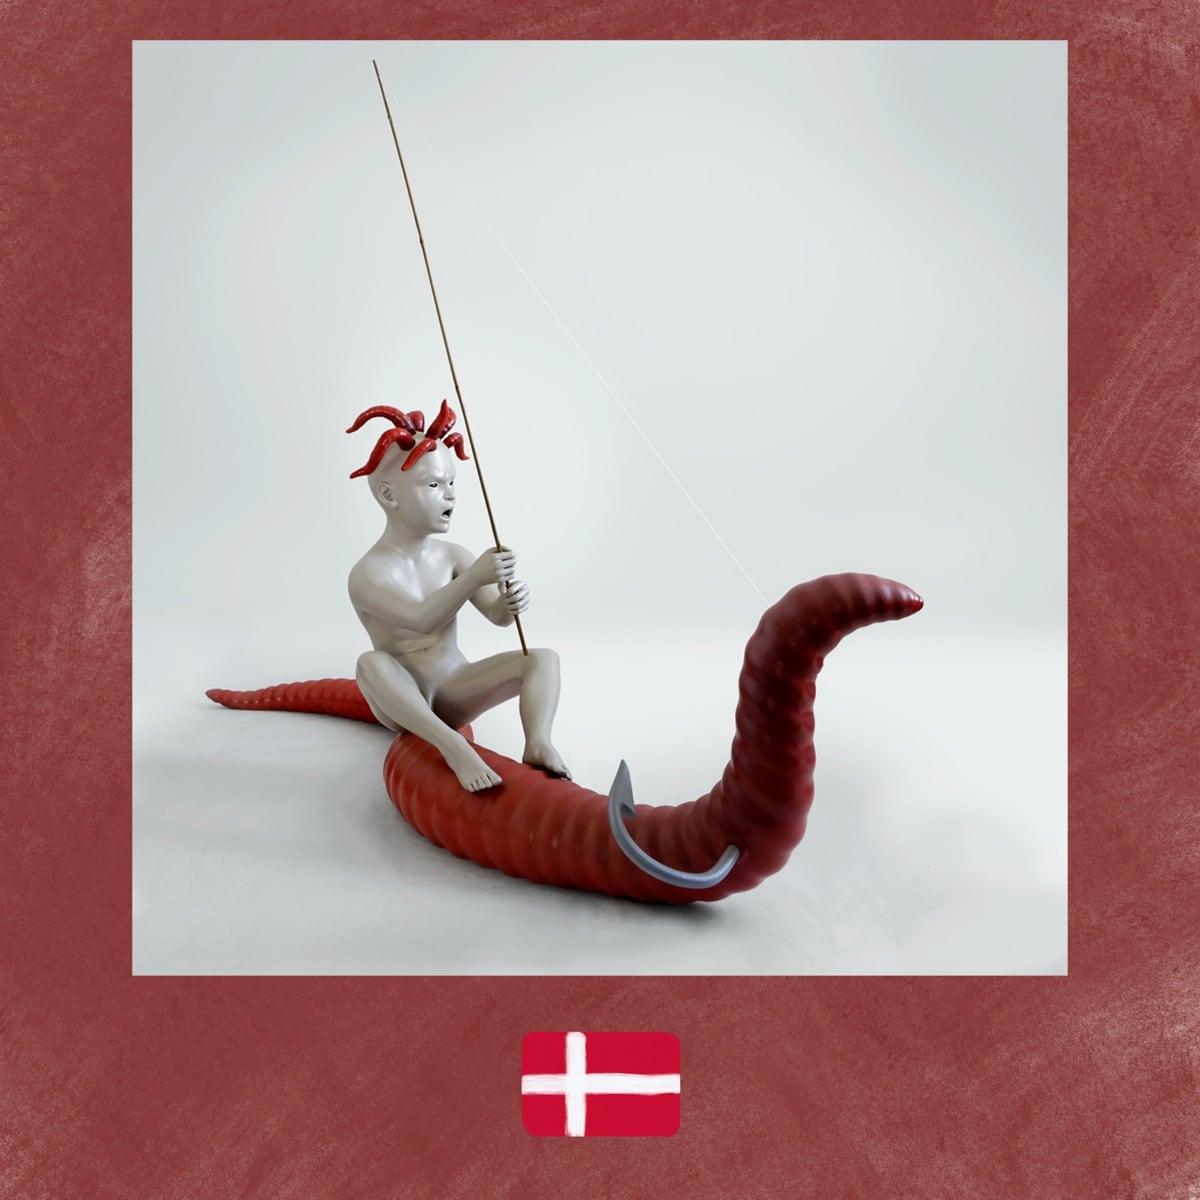 Ole Tersløse, digital art, denmark